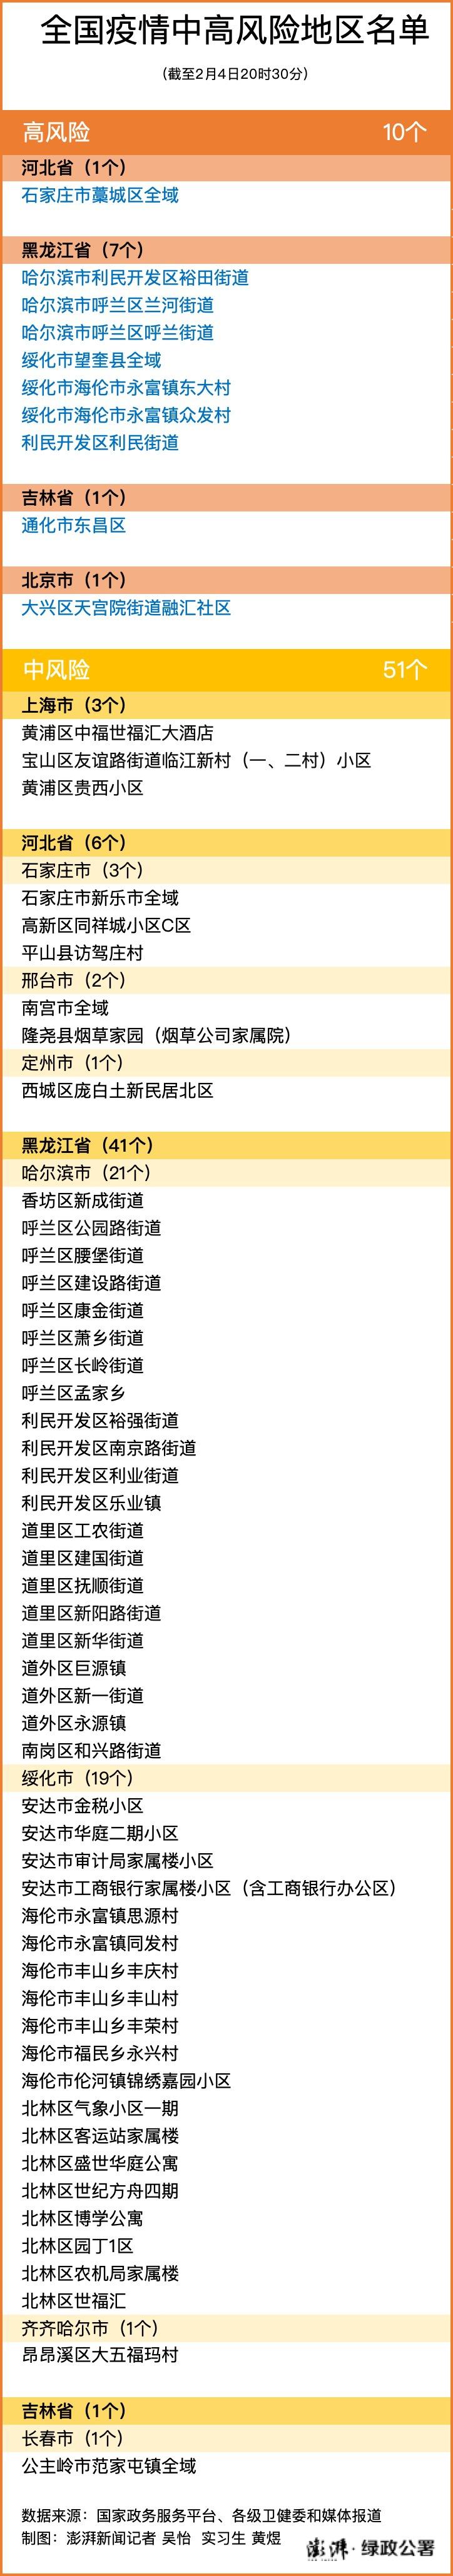 黑龙江四地调降为低风险区 全国共有10+51个高中风险区图片